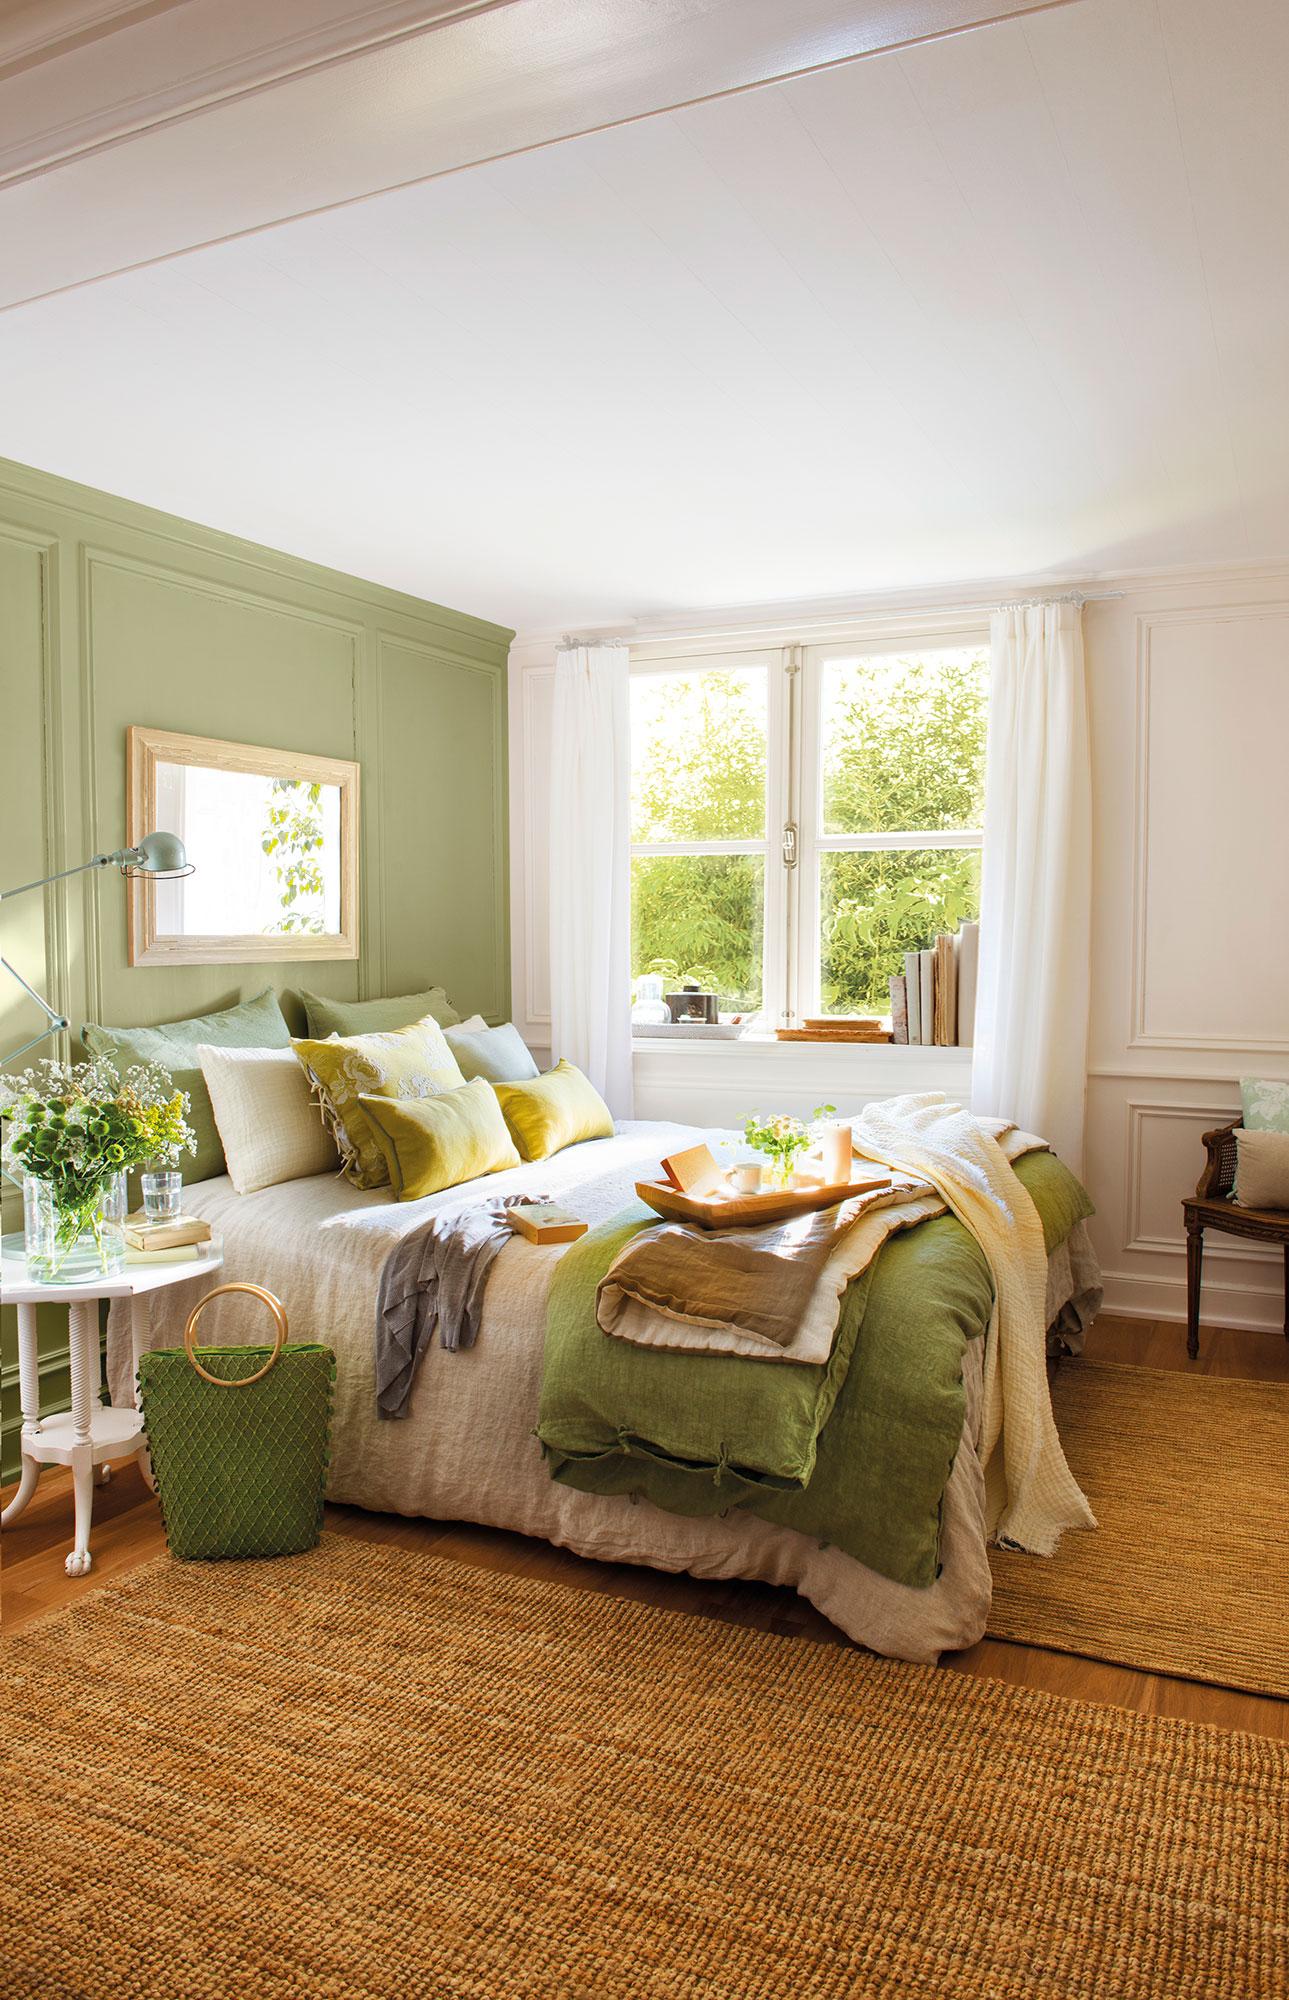 Dormitorio con pared del cabecero en verde. Decora con pintura